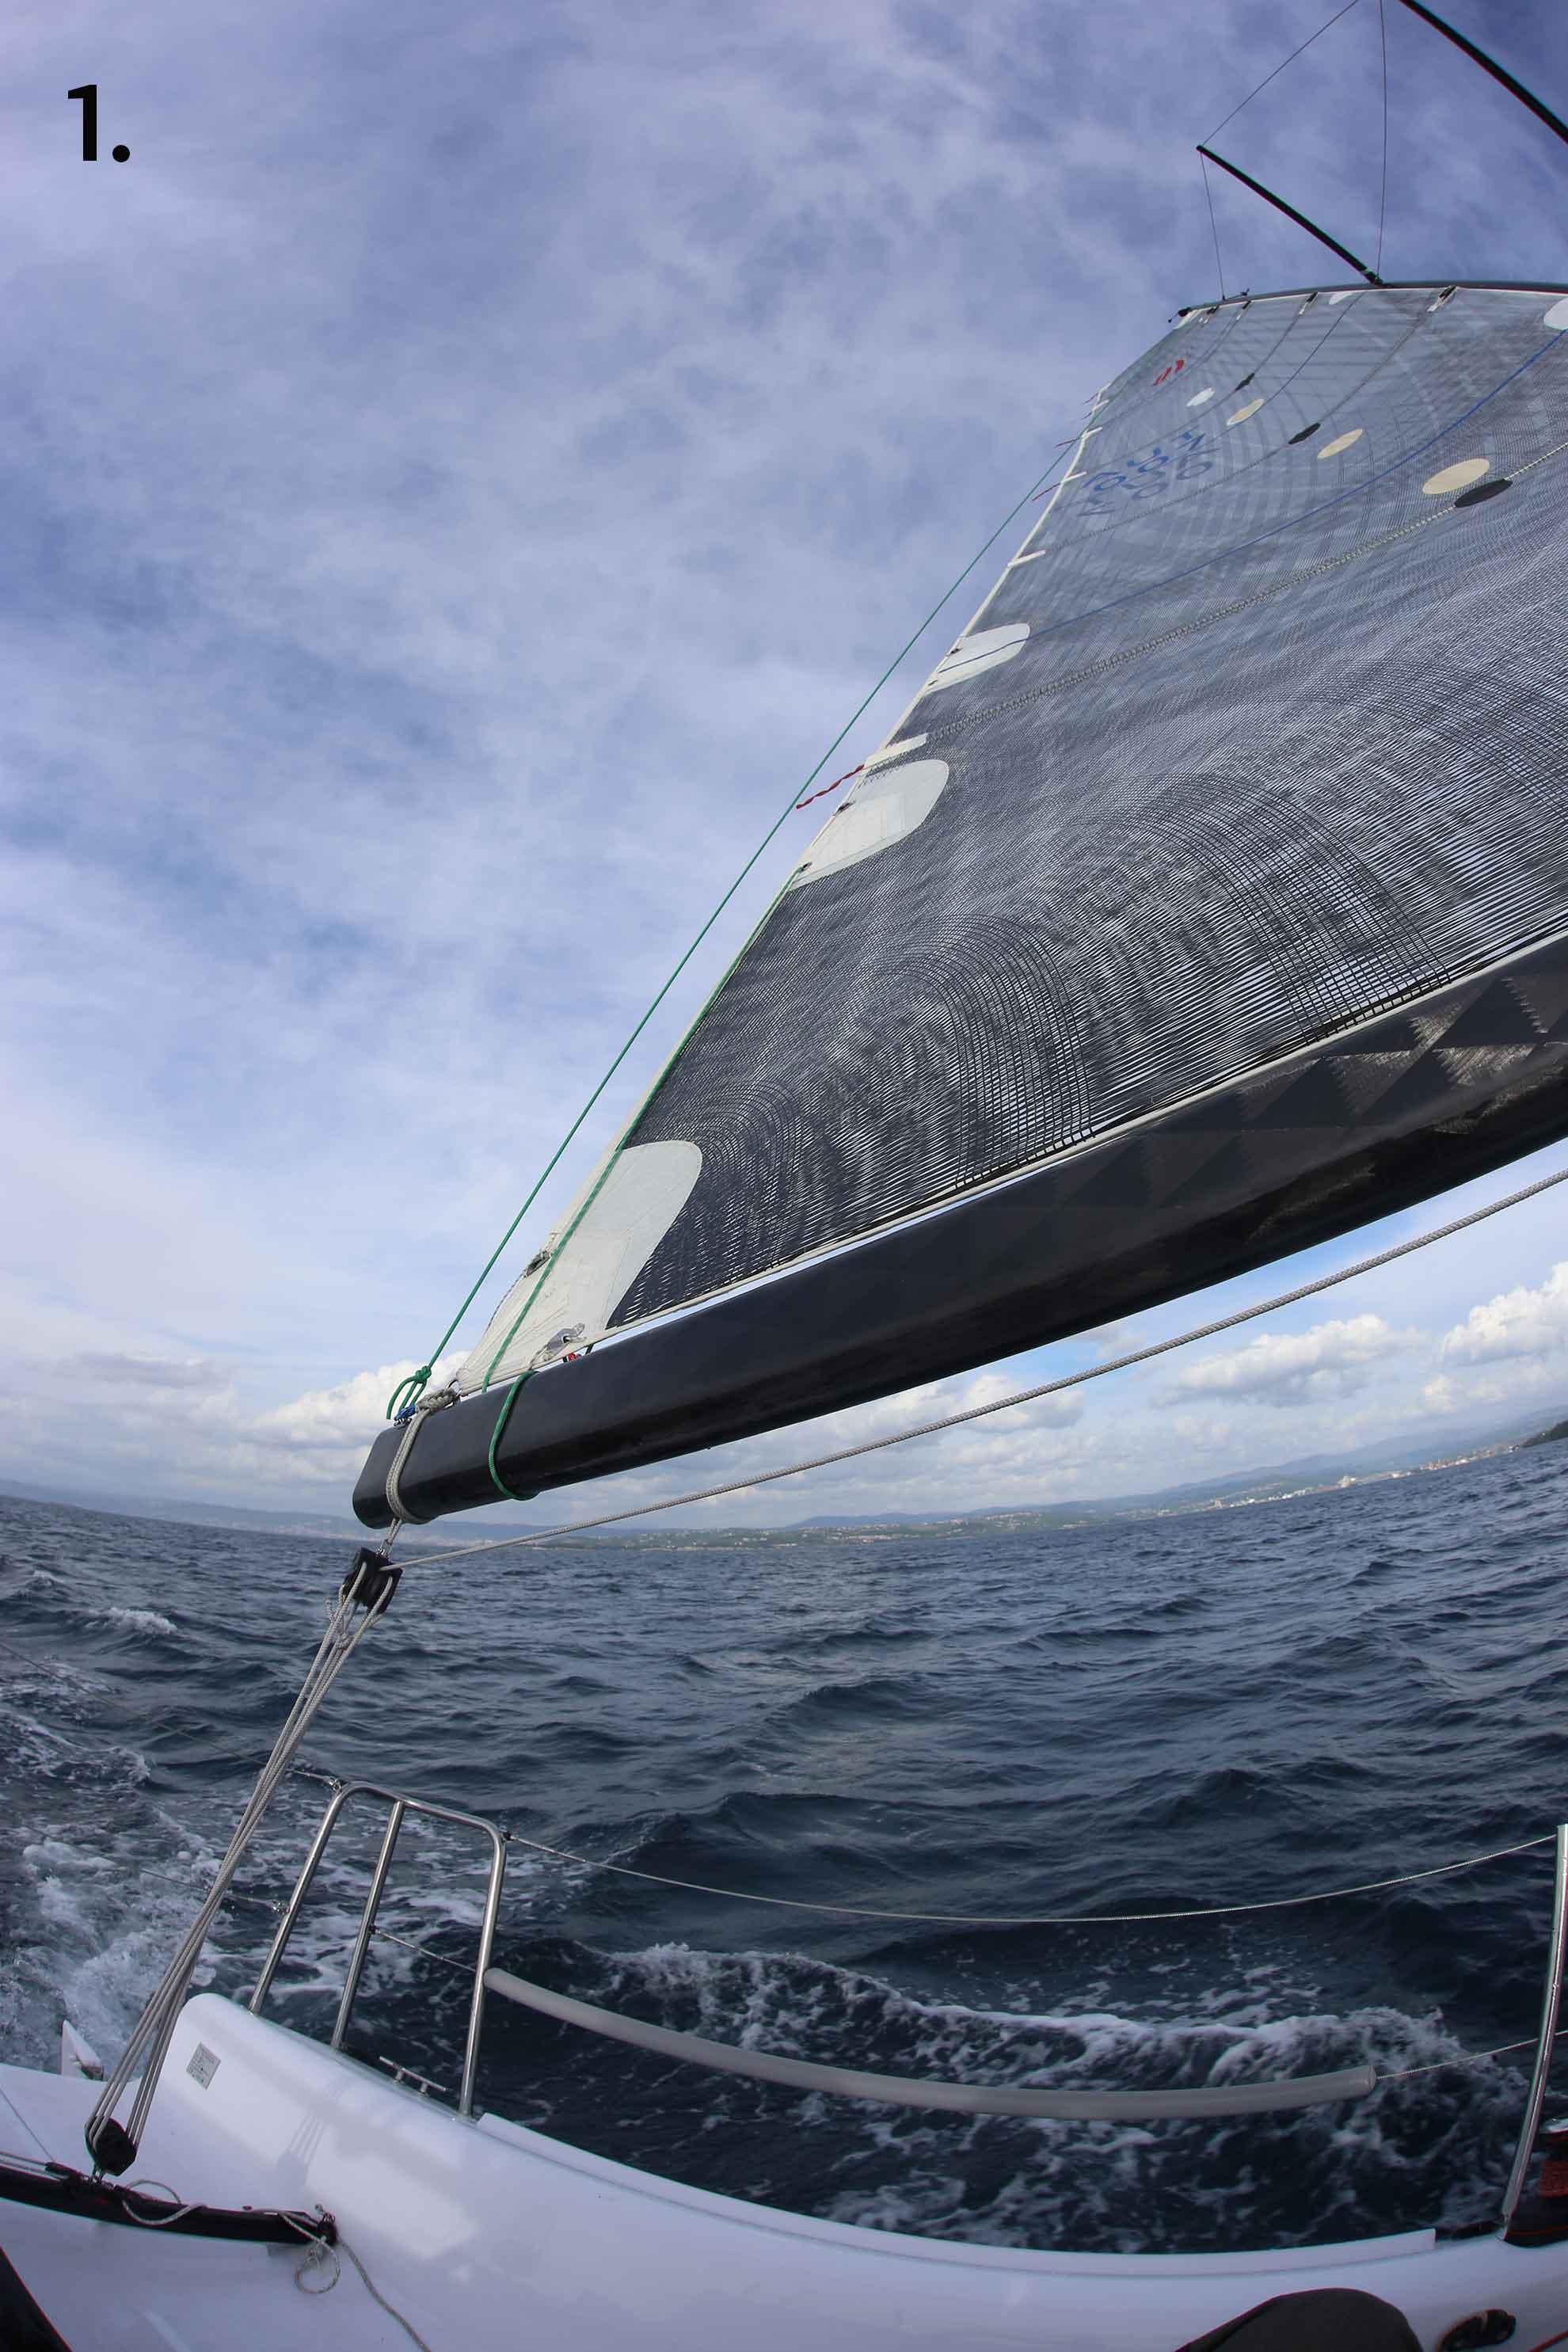 Tips for safe reefing - Elvstrøm Sails